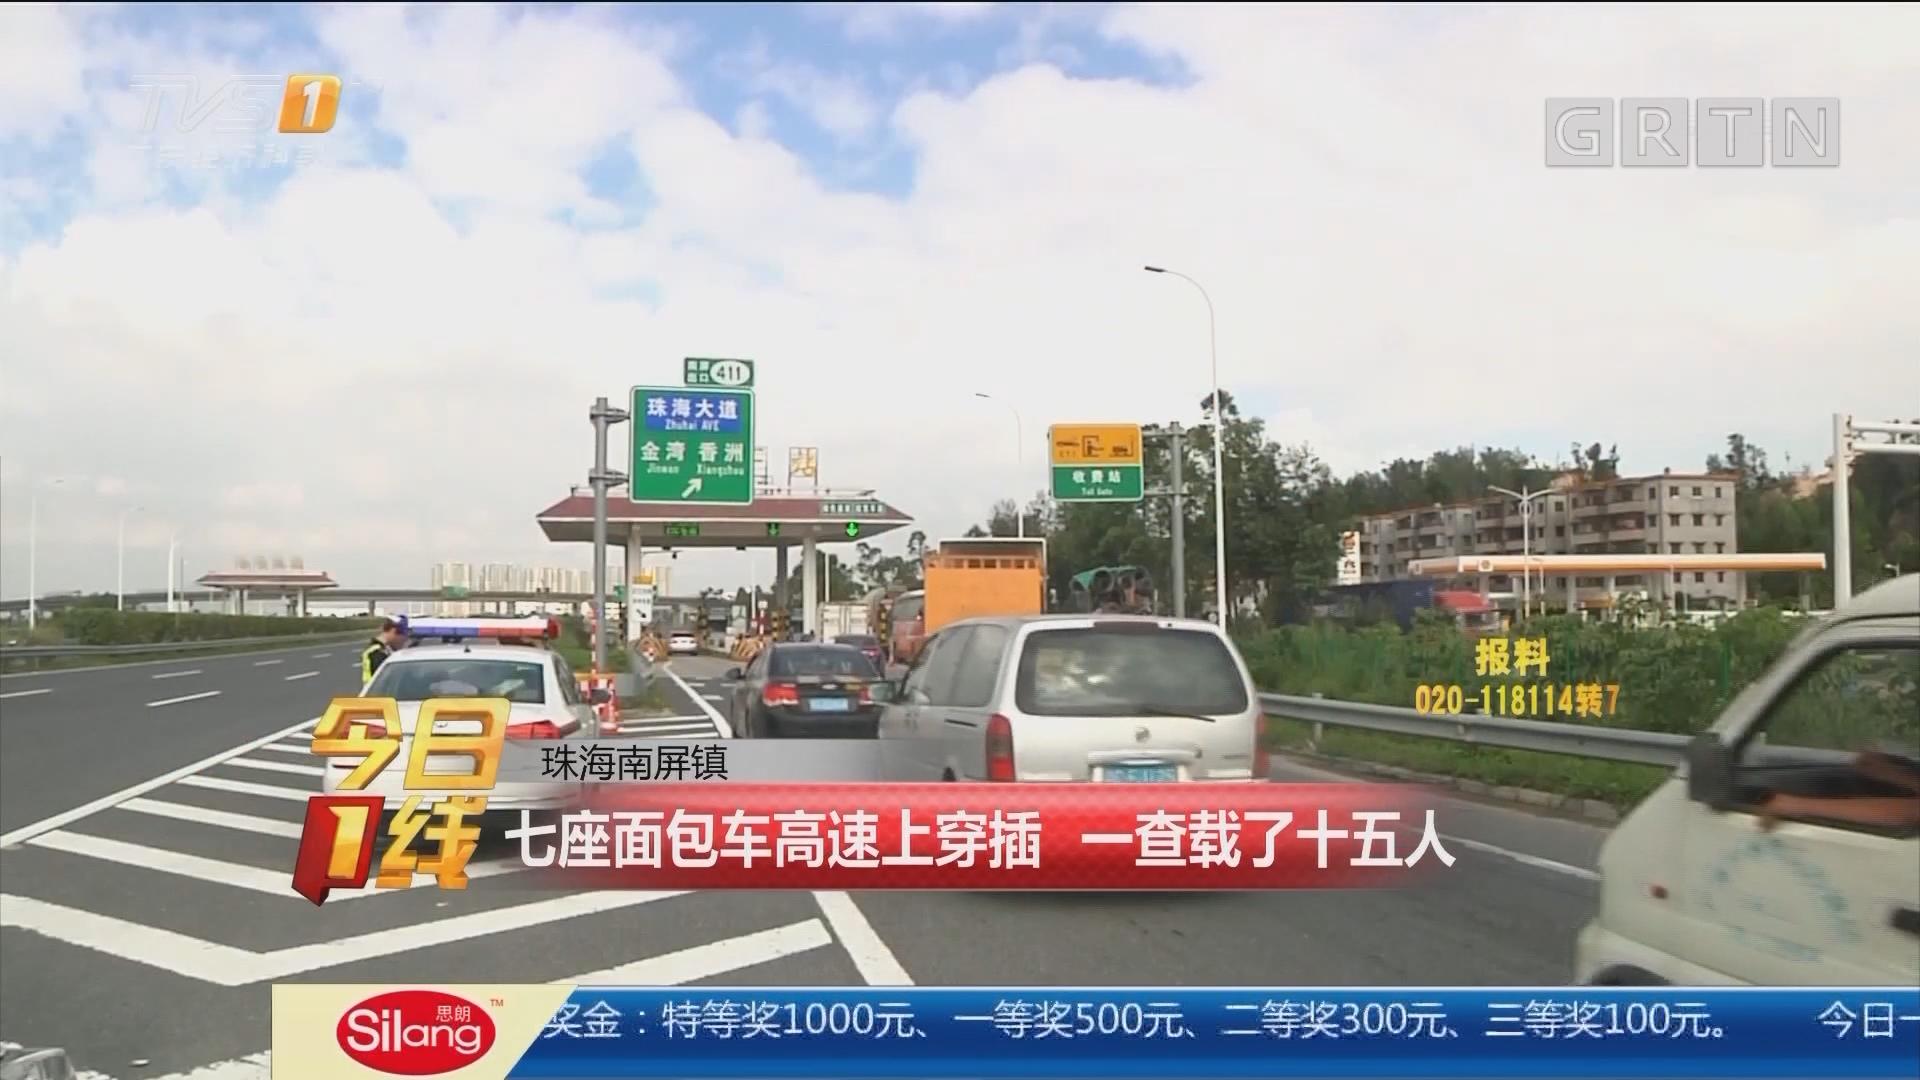 珠海南屏镇:七座面包车高速上穿插 一查载了十五人